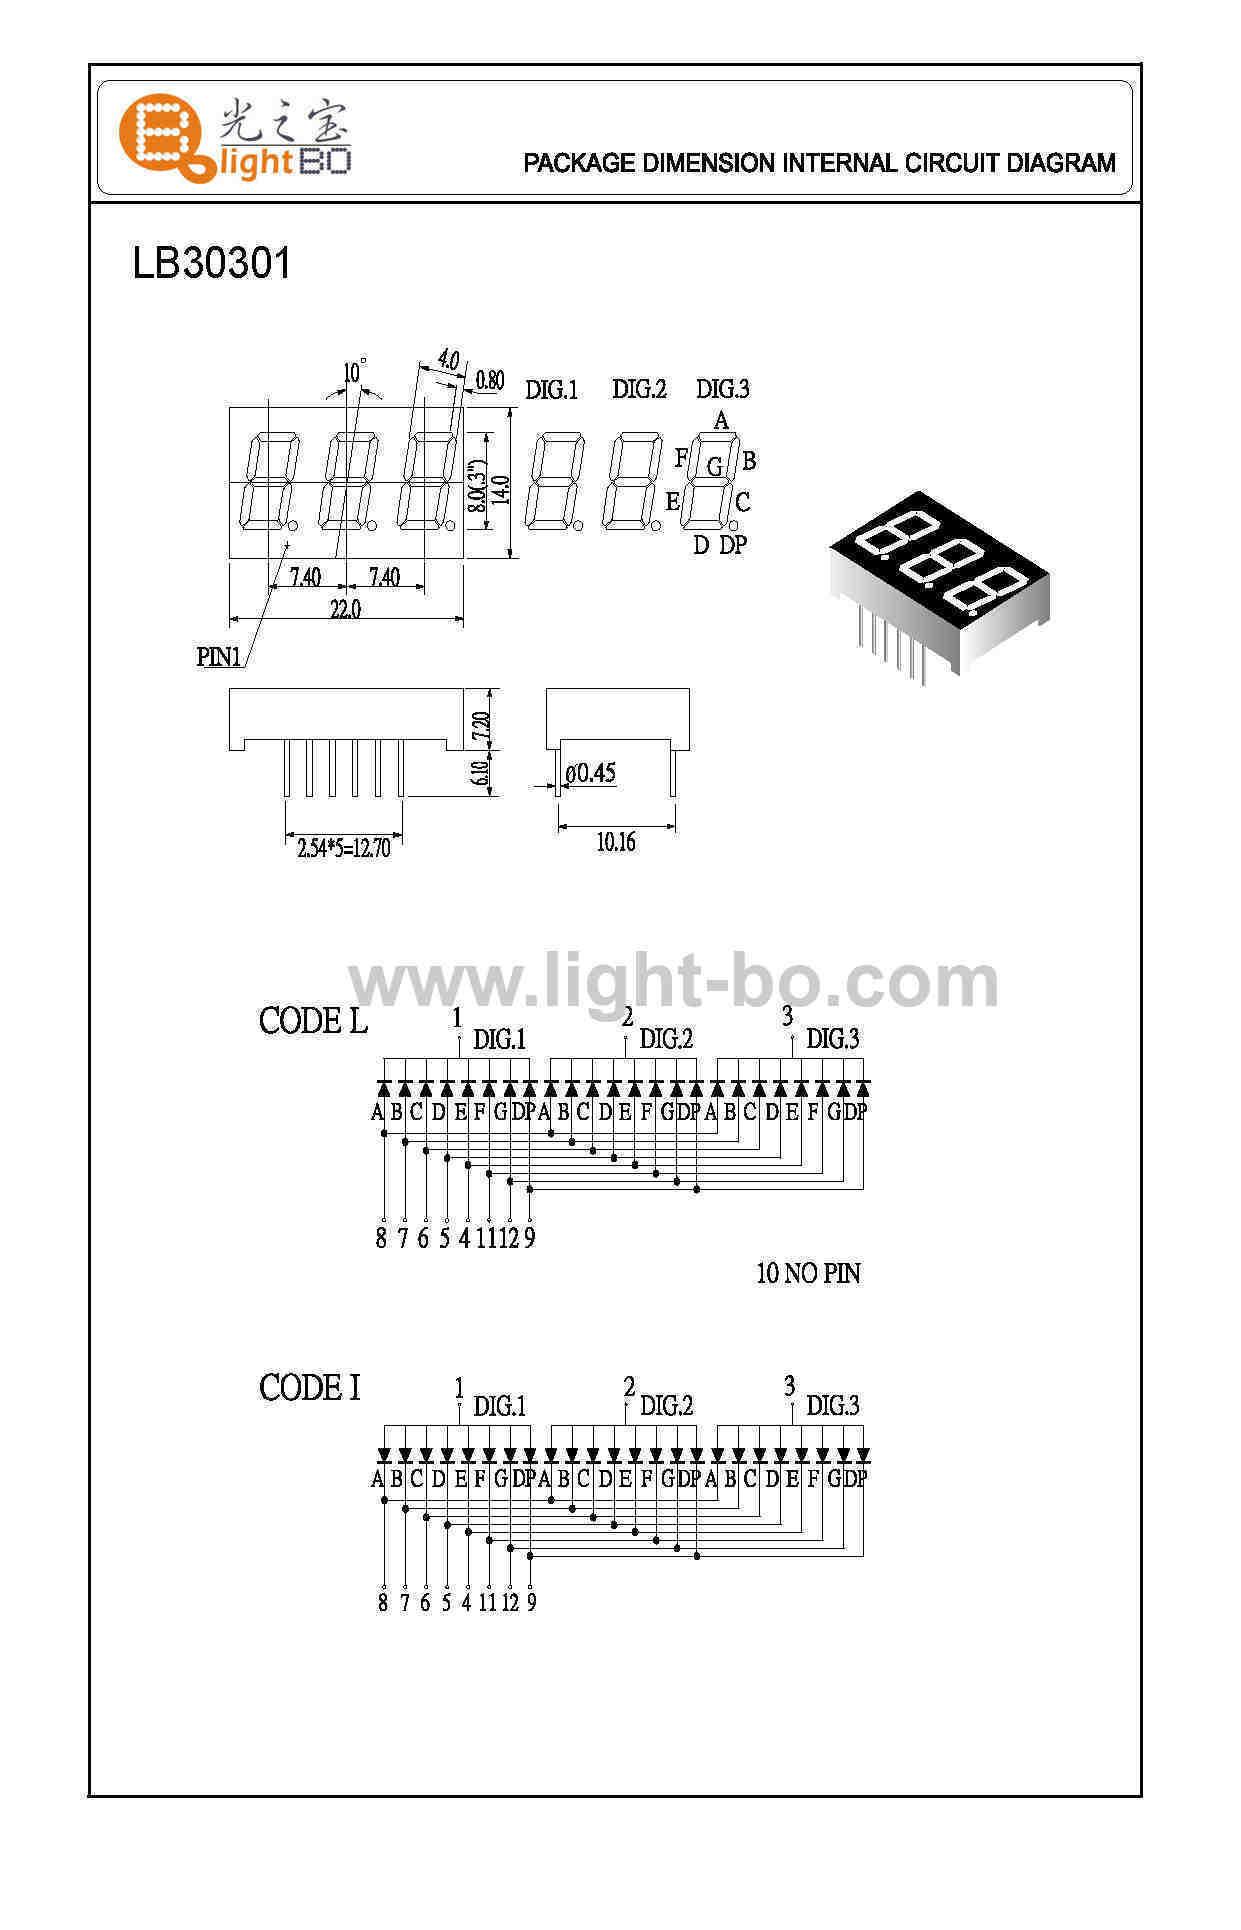 dreistelligen 7-Segment-LED-Displays Gehäuseabmessungen, Schaltplan ...